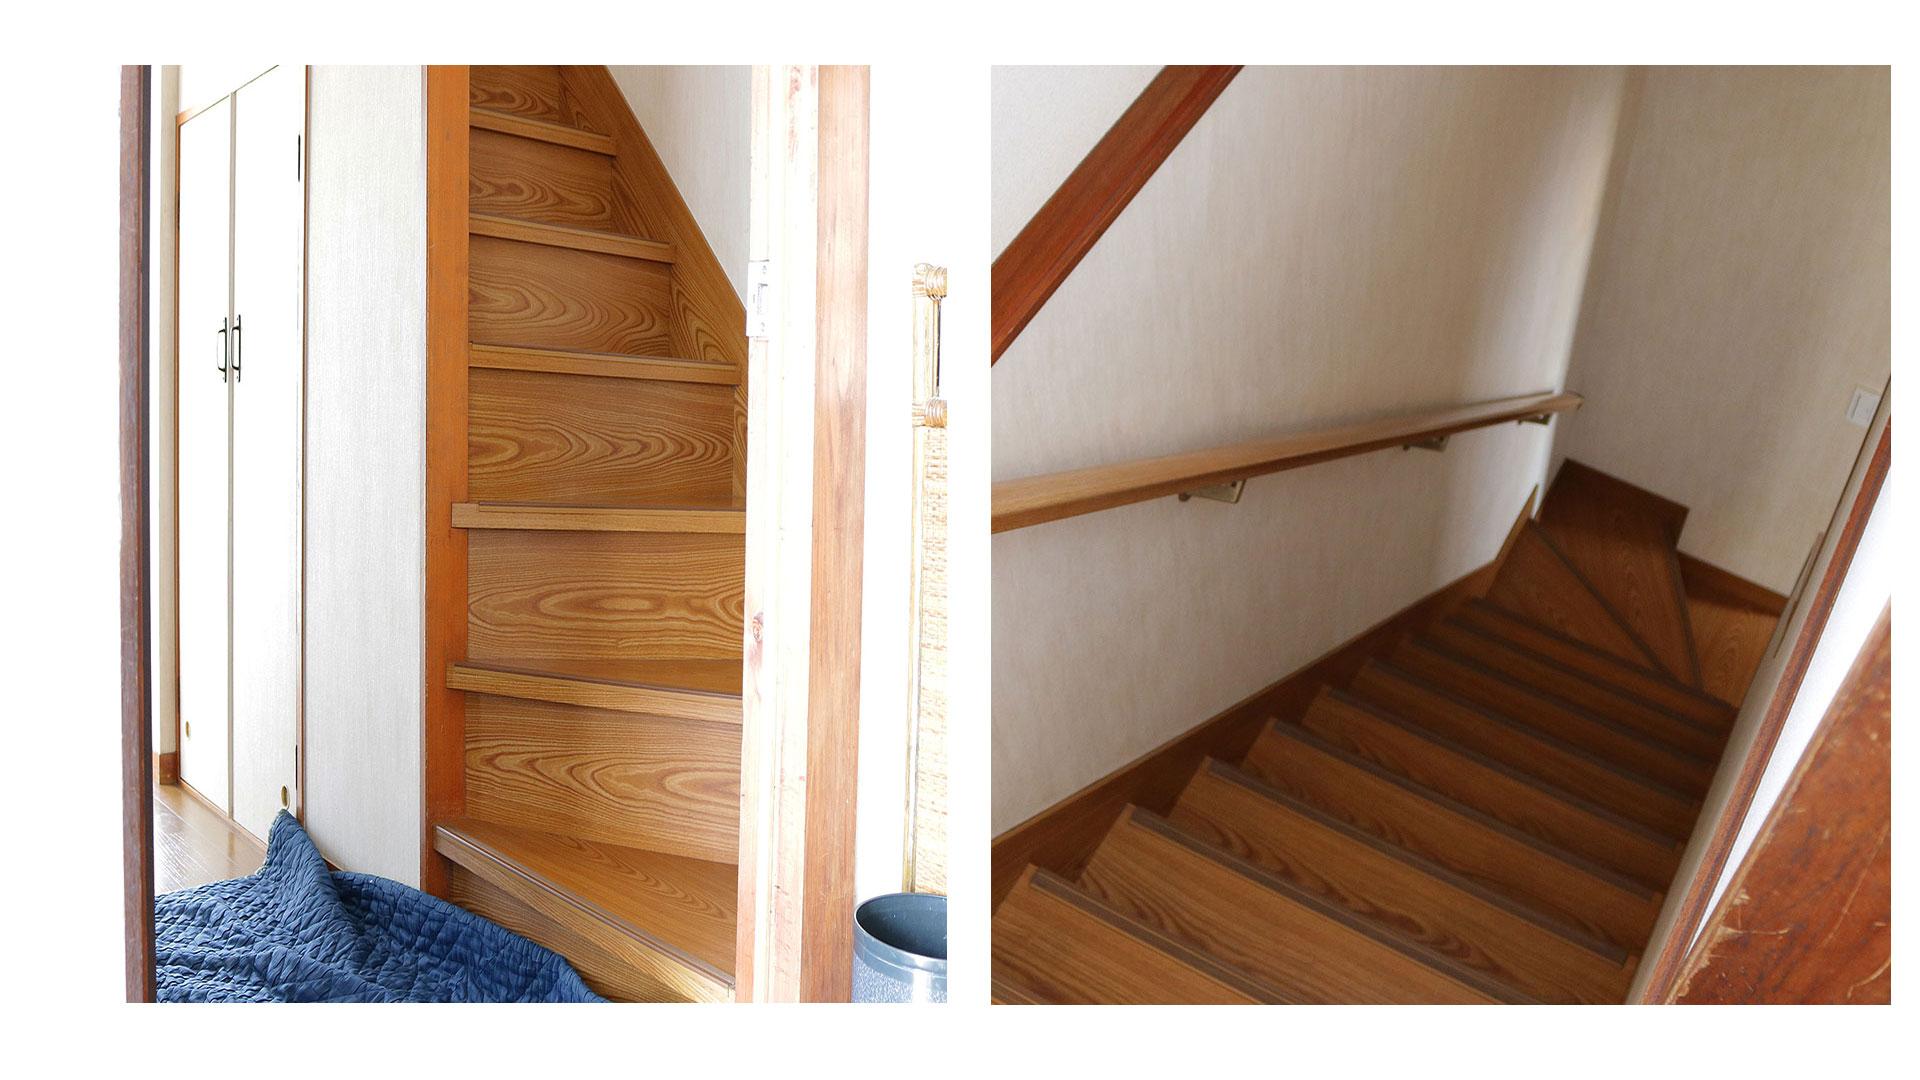 ソファを2階へ階段を使って搬入